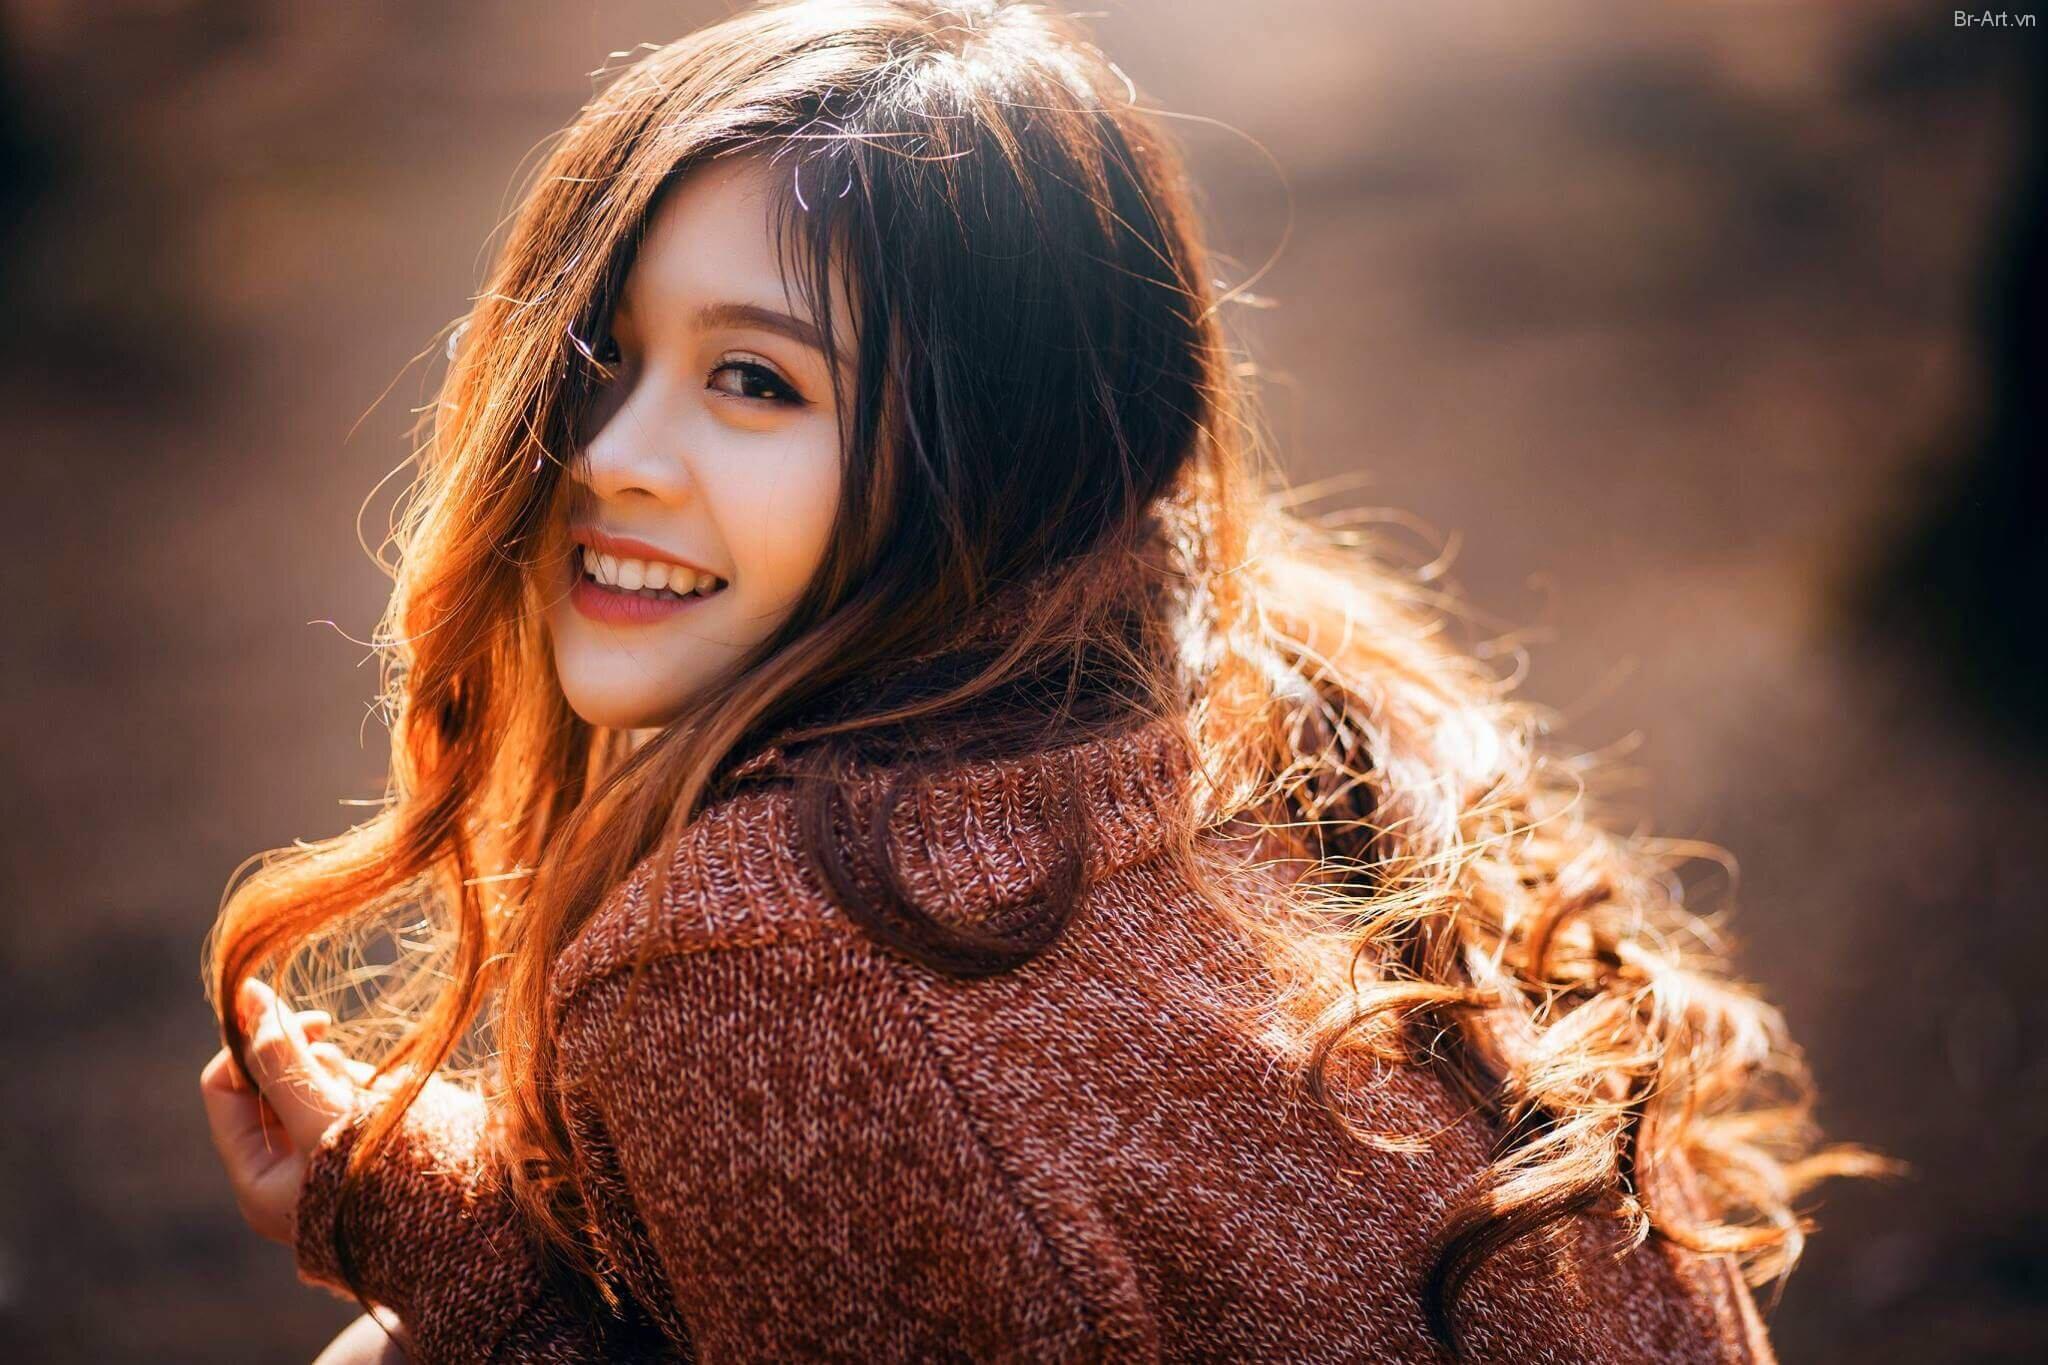 15 cách chụp ảnh chân dung đẹp ở ngoài trời, trong nhà bắt sáng tốt |  websosanh.vn